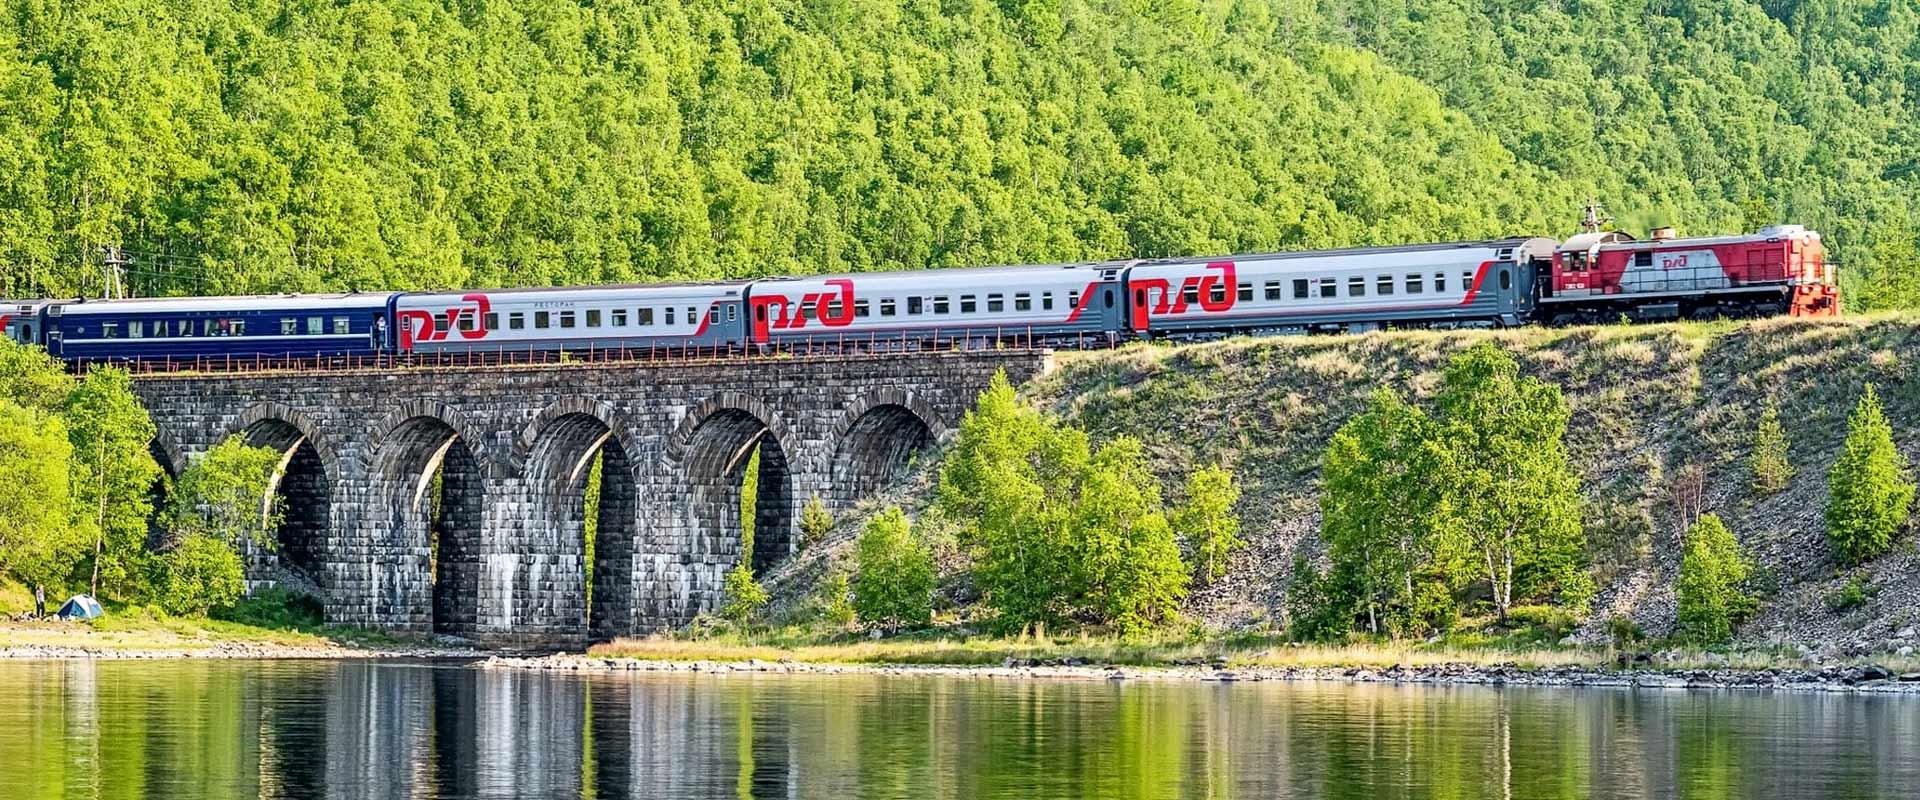 Viajando no Tradicional Trem Transiberiano